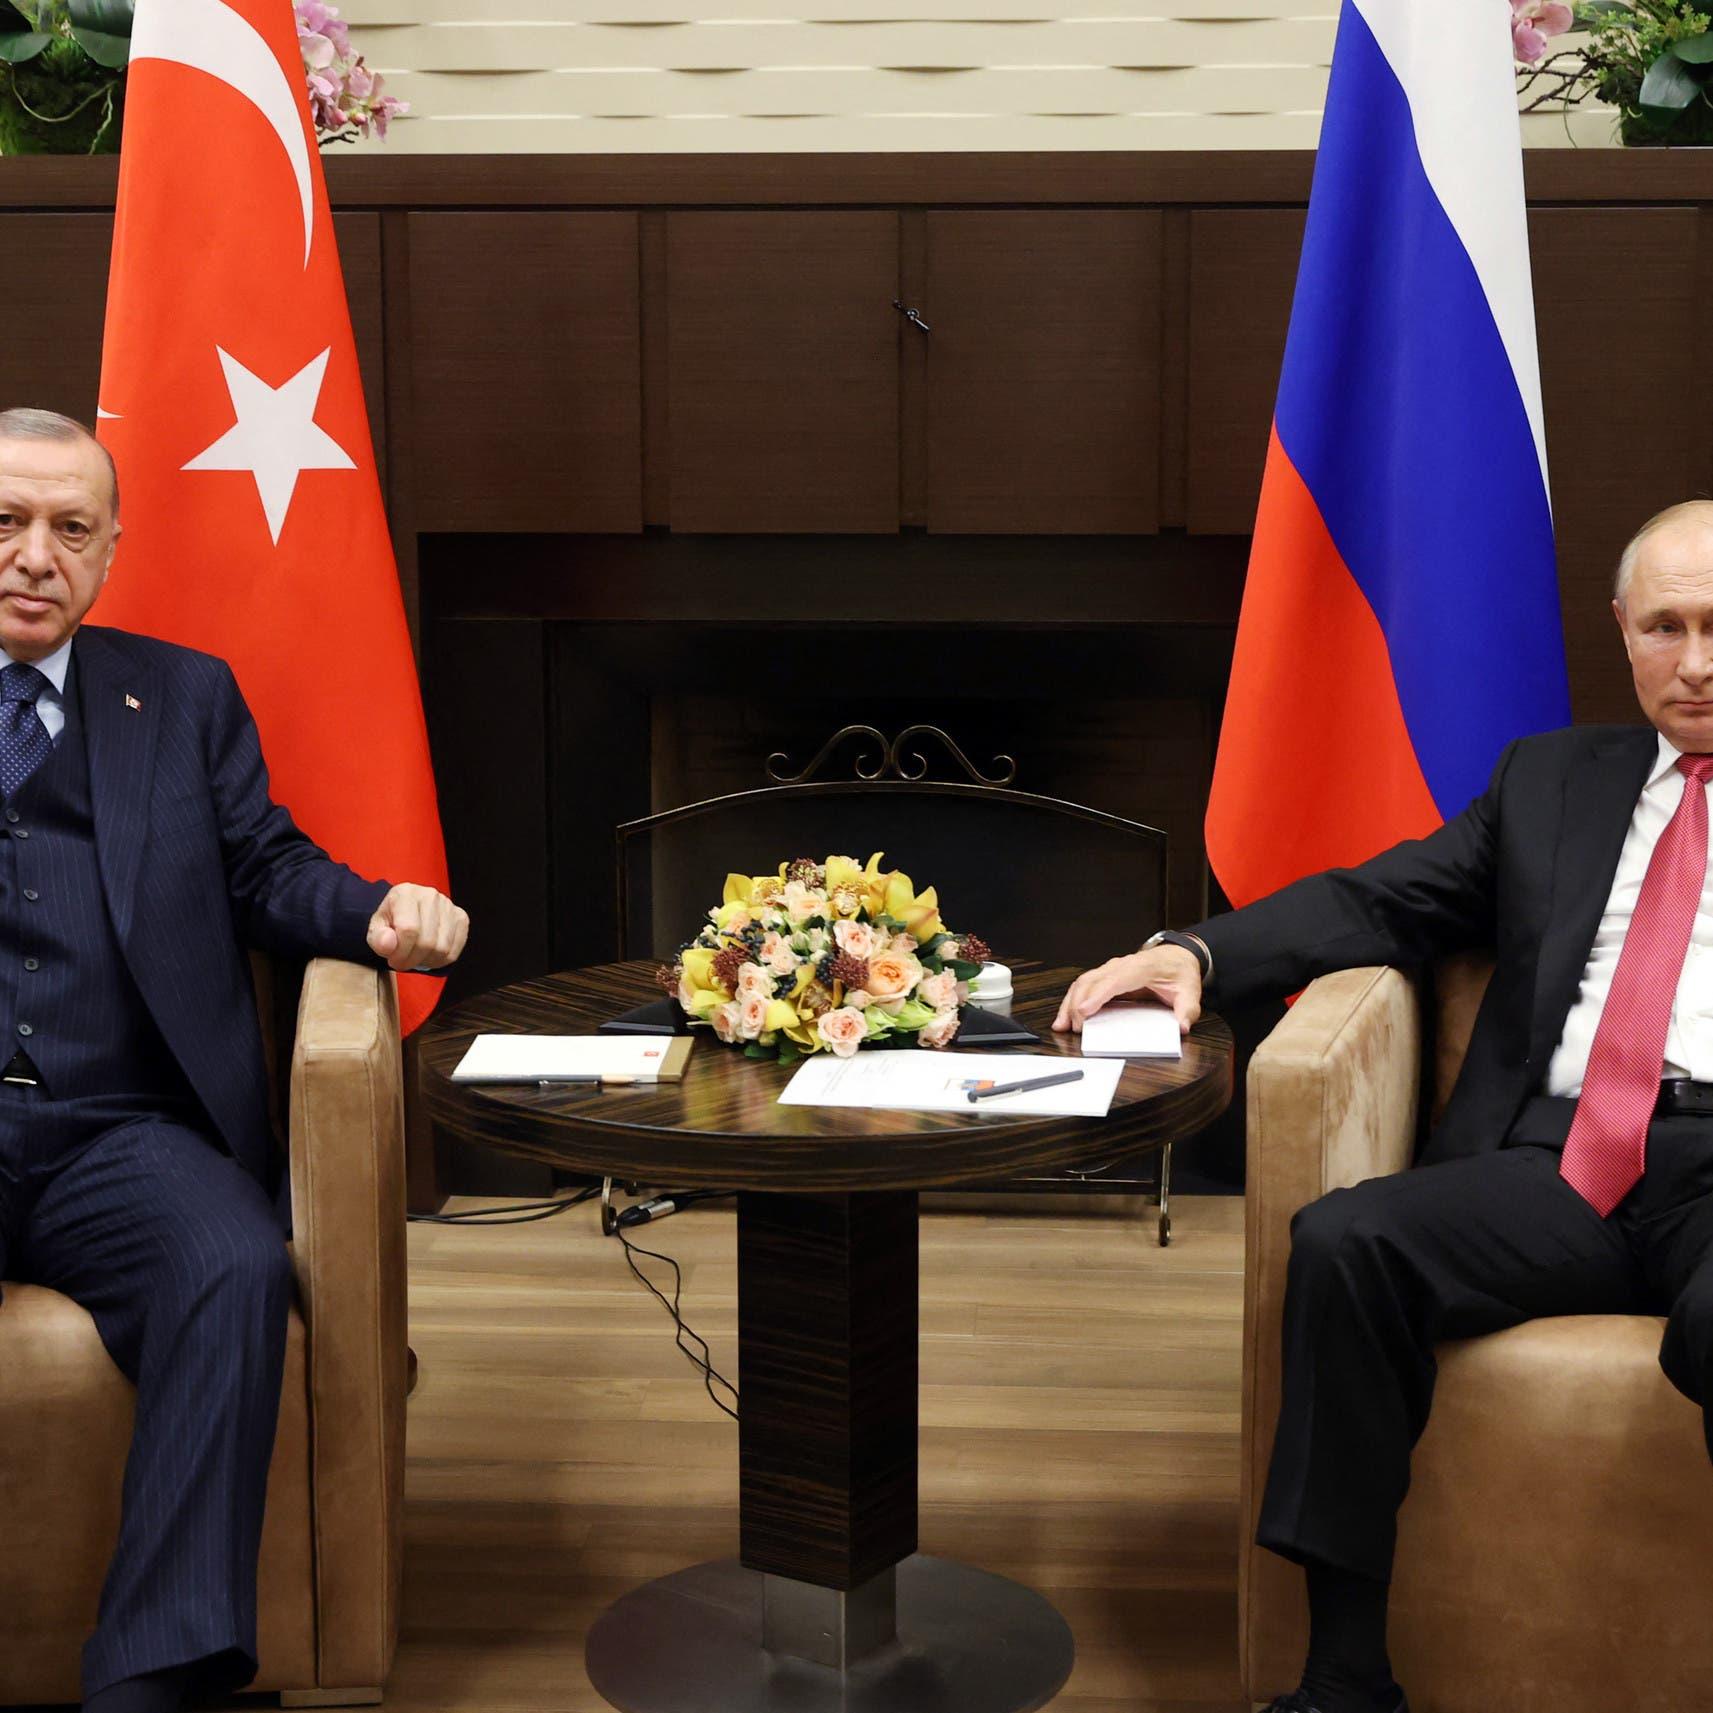 بوتين: اجتماعاتنا مع أردوغان لا تسير دائماً بشكل سلس